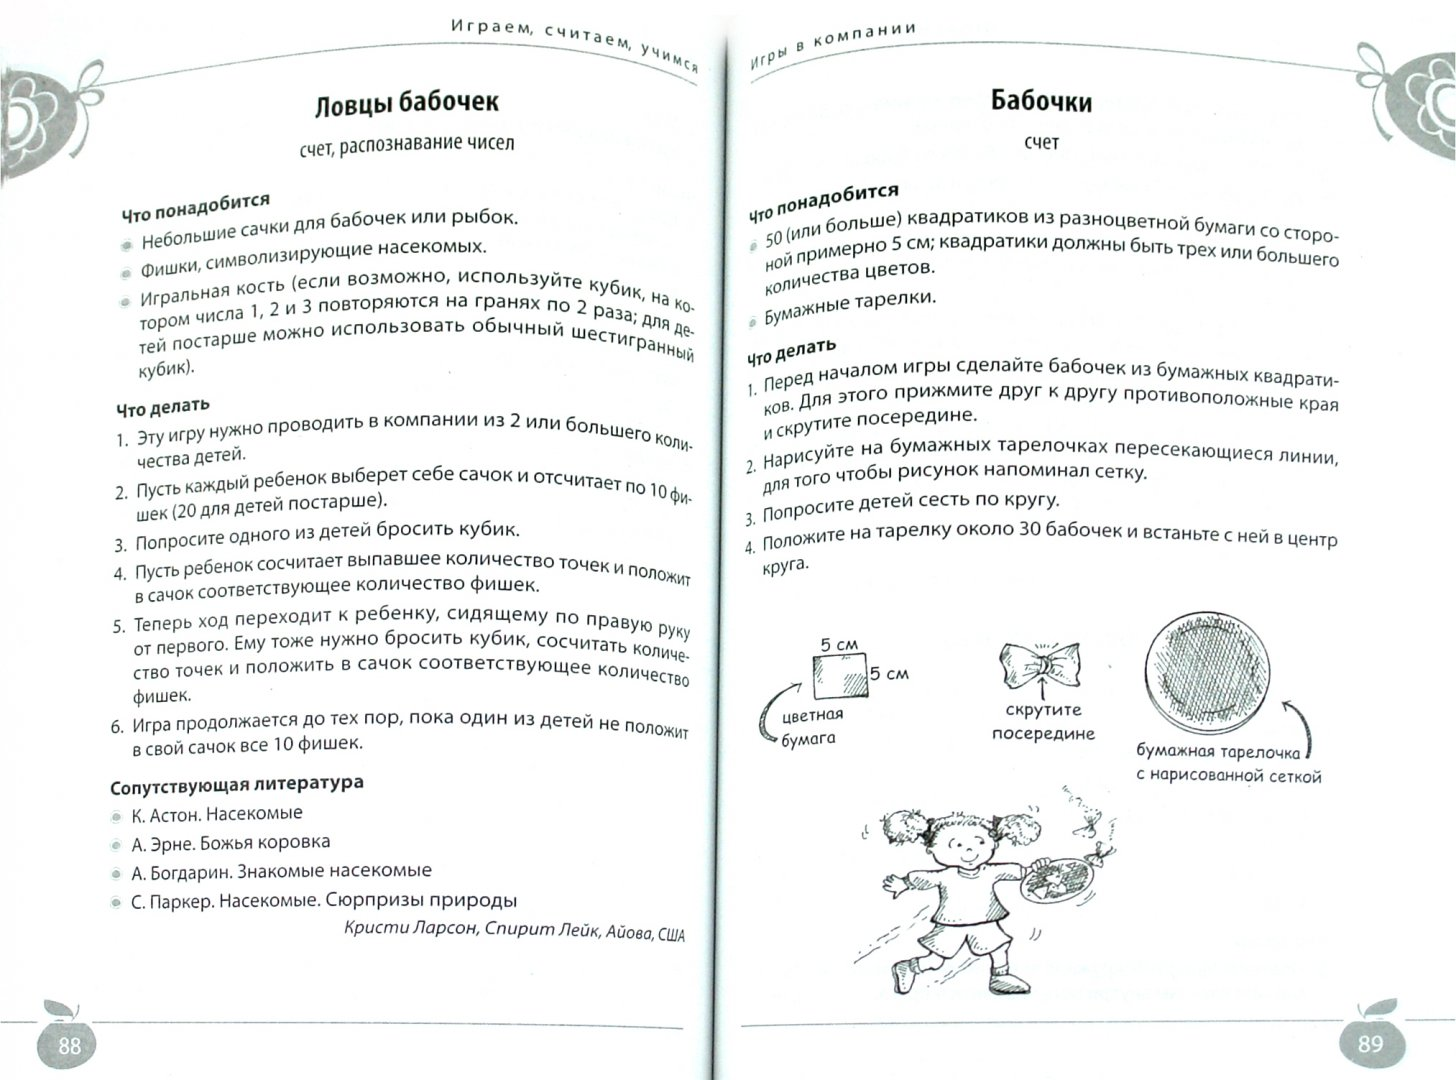 Иллюстрация 1 из 2 для Играем, считаем, учимся. Математические игры дома и на улице. От 3 до 6 лет - Чарнер, Мерфи, Кларк   Лабиринт - книги. Источник: Лабиринт